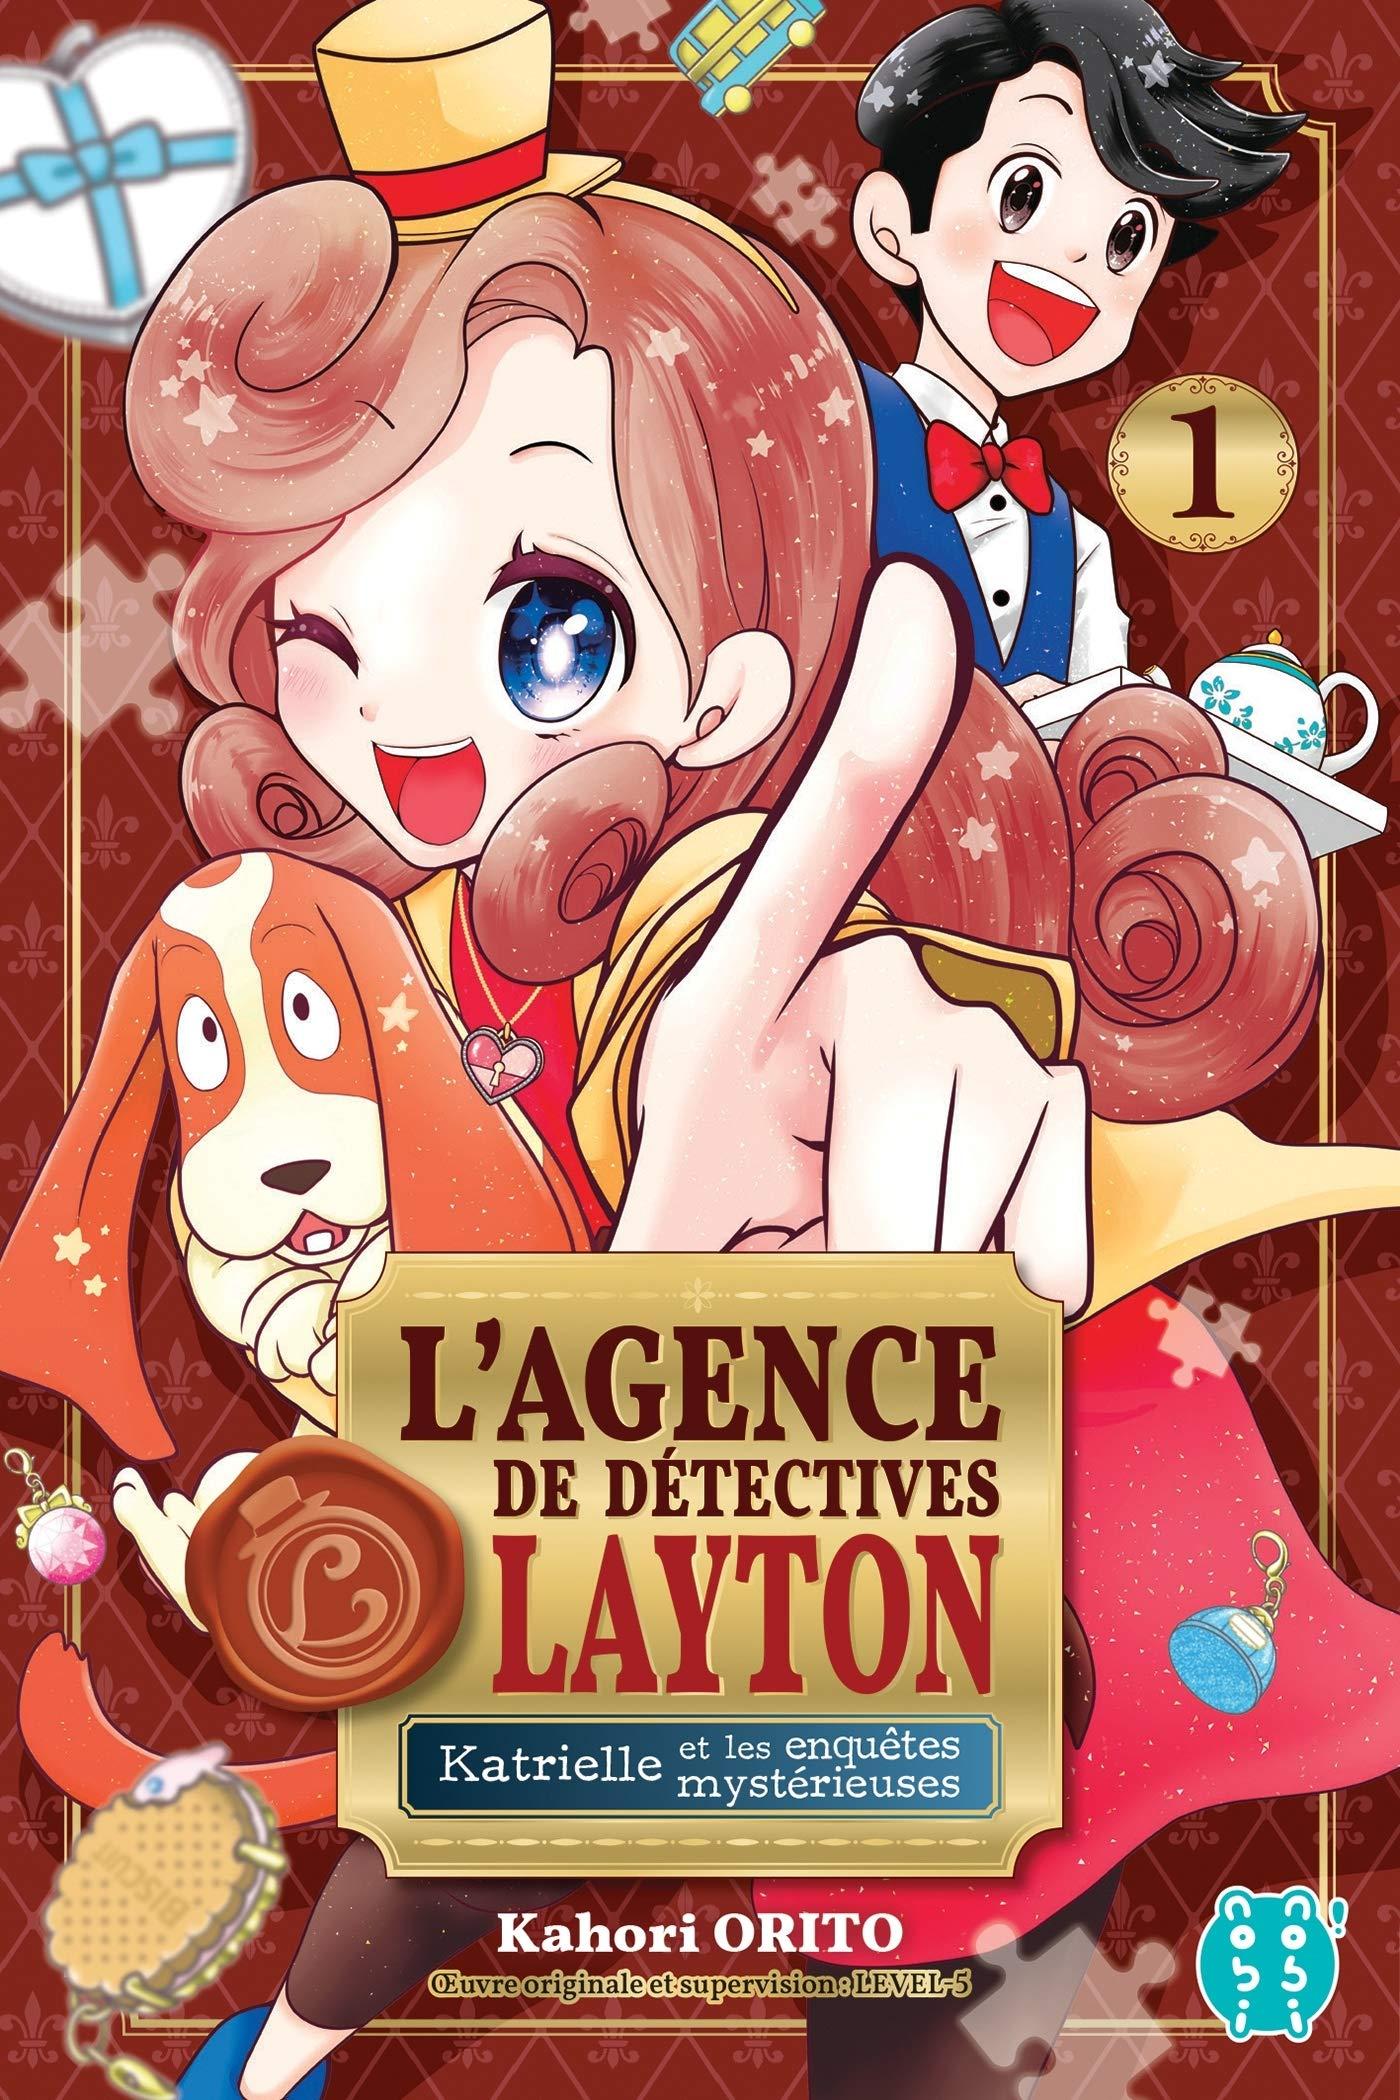 L'agence de détectives Layton - Katrielle et les enquêtes mysterieuses 1